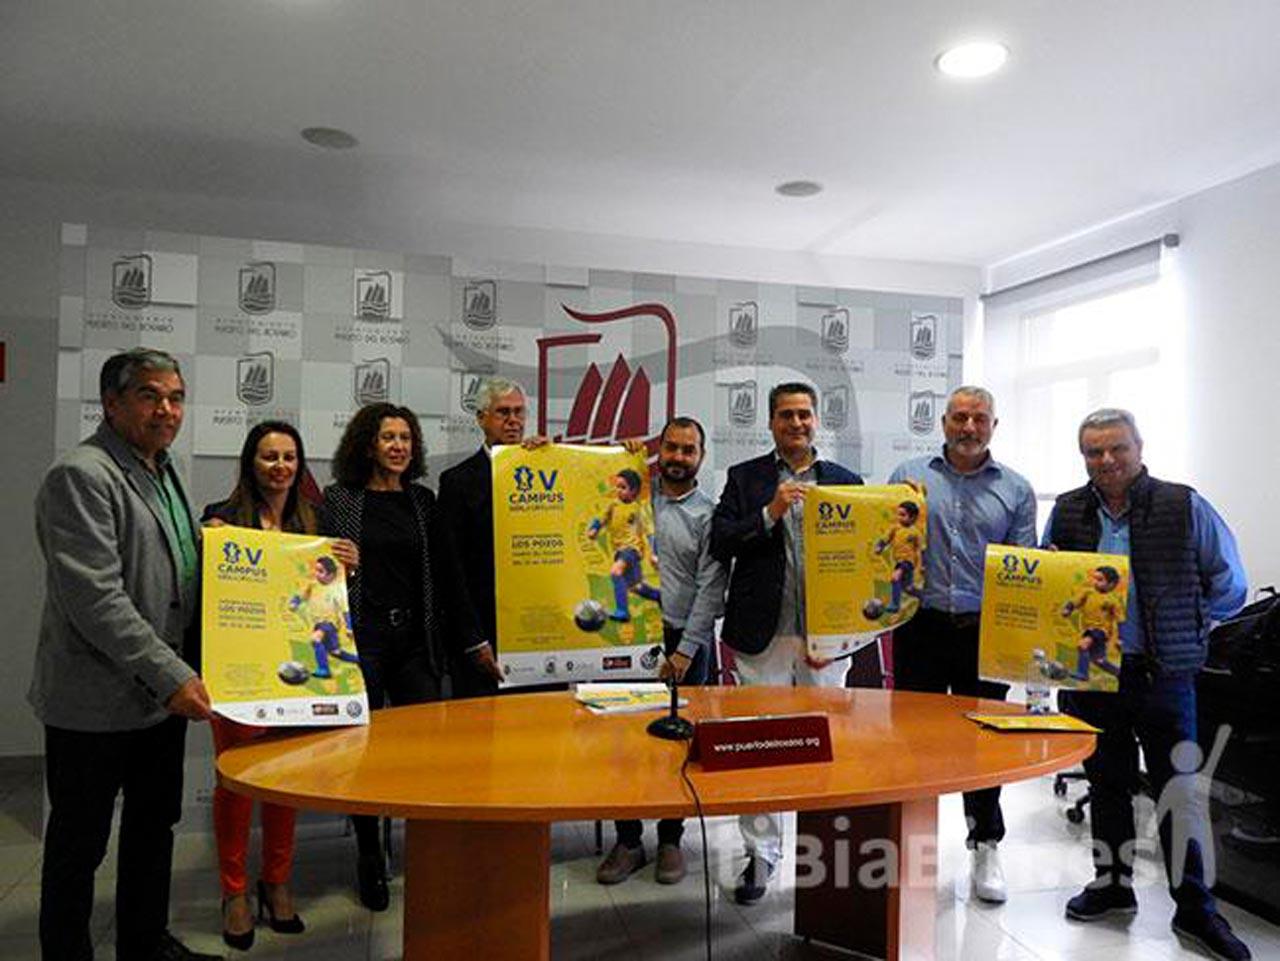 El Campus de la UD Las Palmas, una experiencia de formación deportiva y en valores, vuelve a Puerto para quedarse